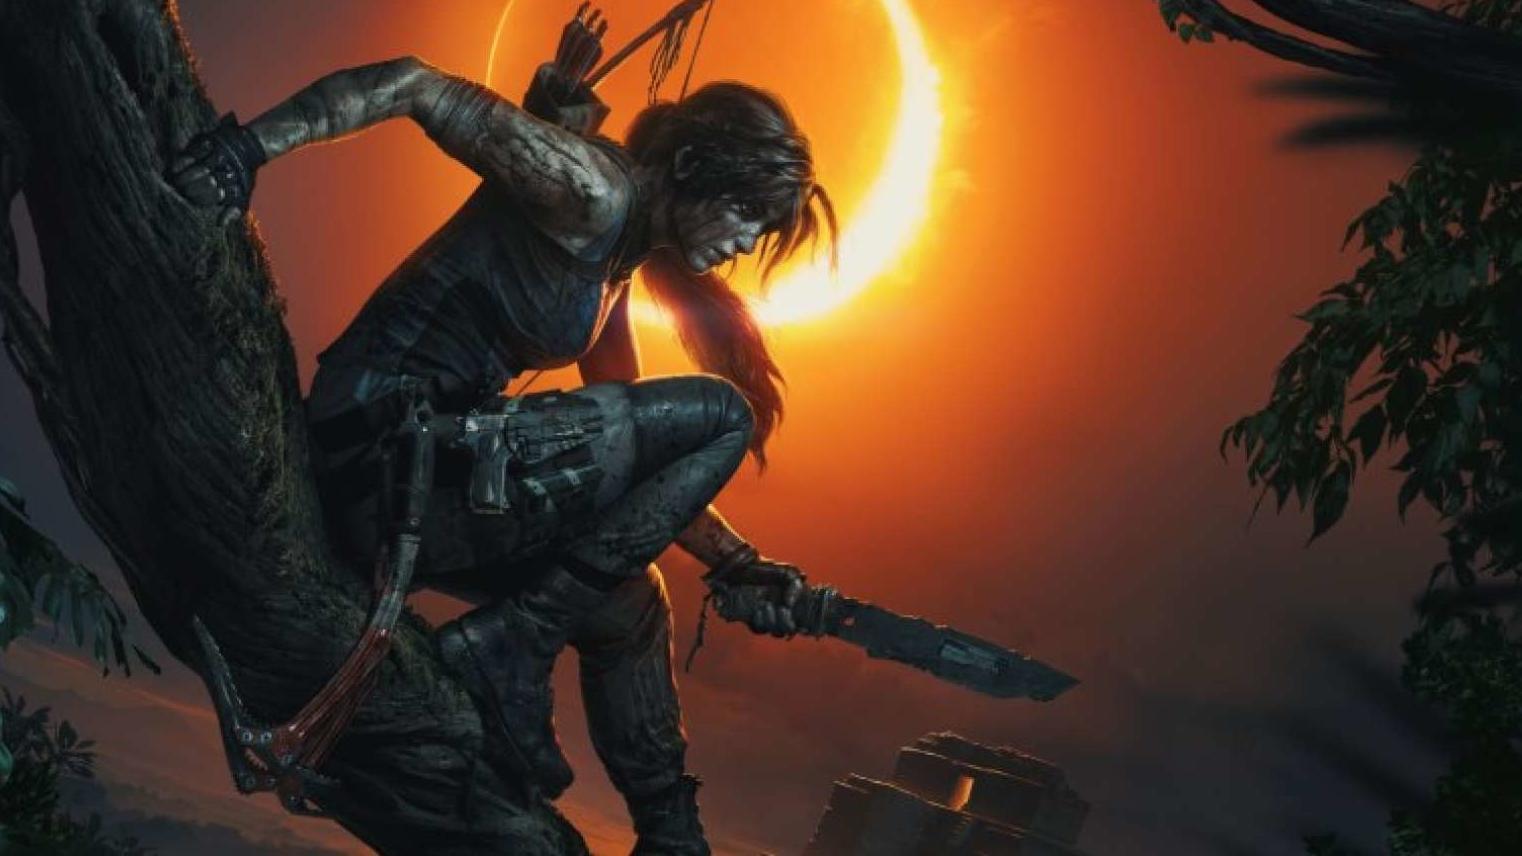 Abenteurerin Lara Croft sitzt auf einem Baum und hält ein selbst gebasteltes Messer vor sich.